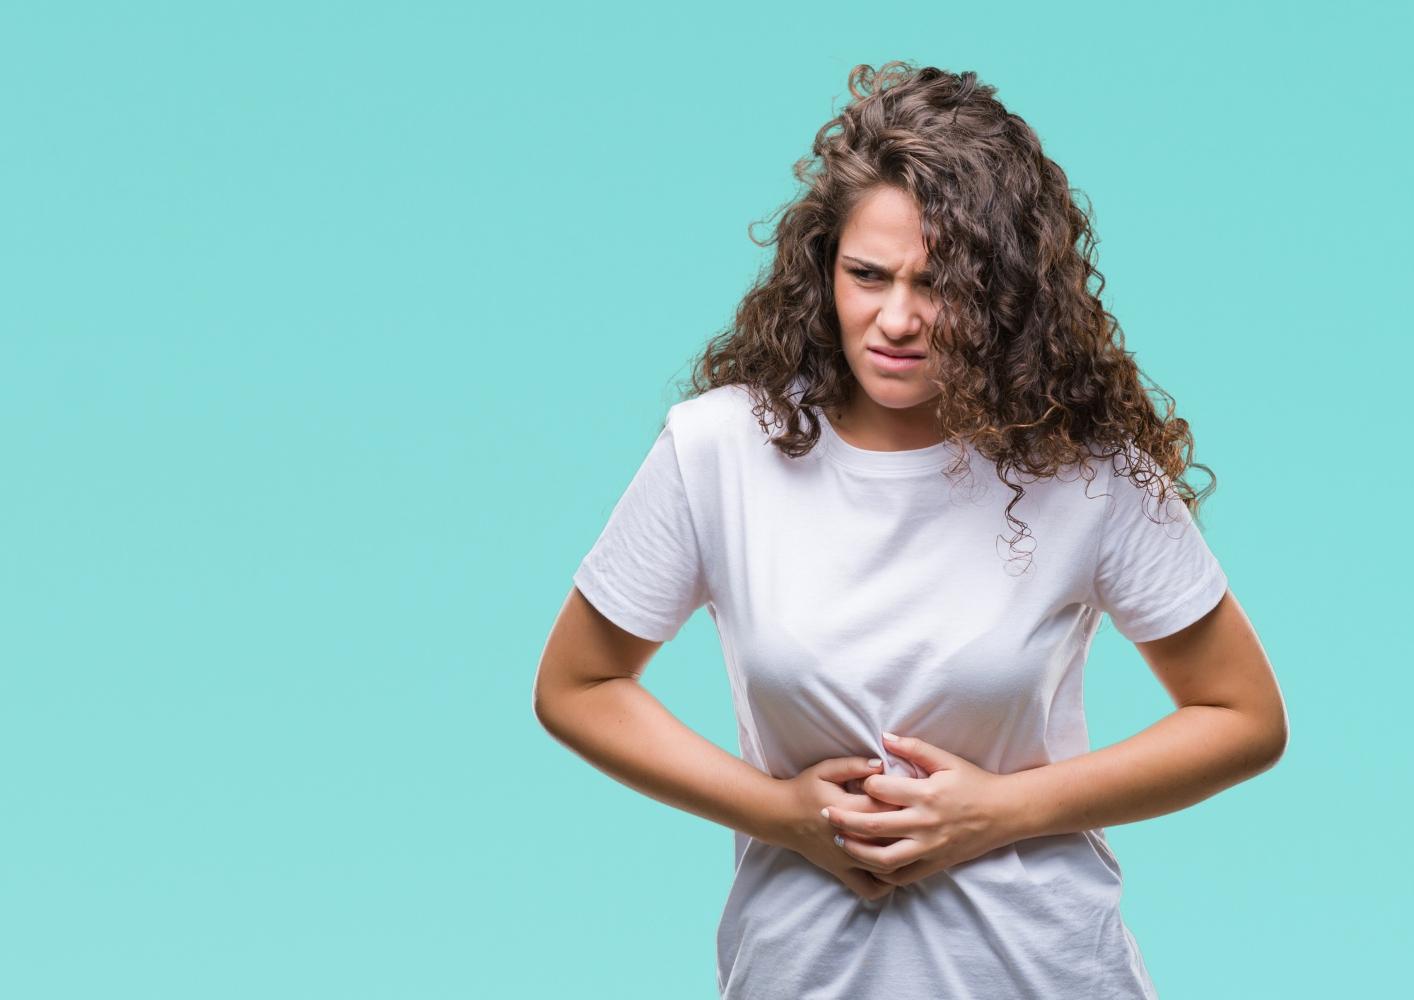 Mulher com dores de diarreia